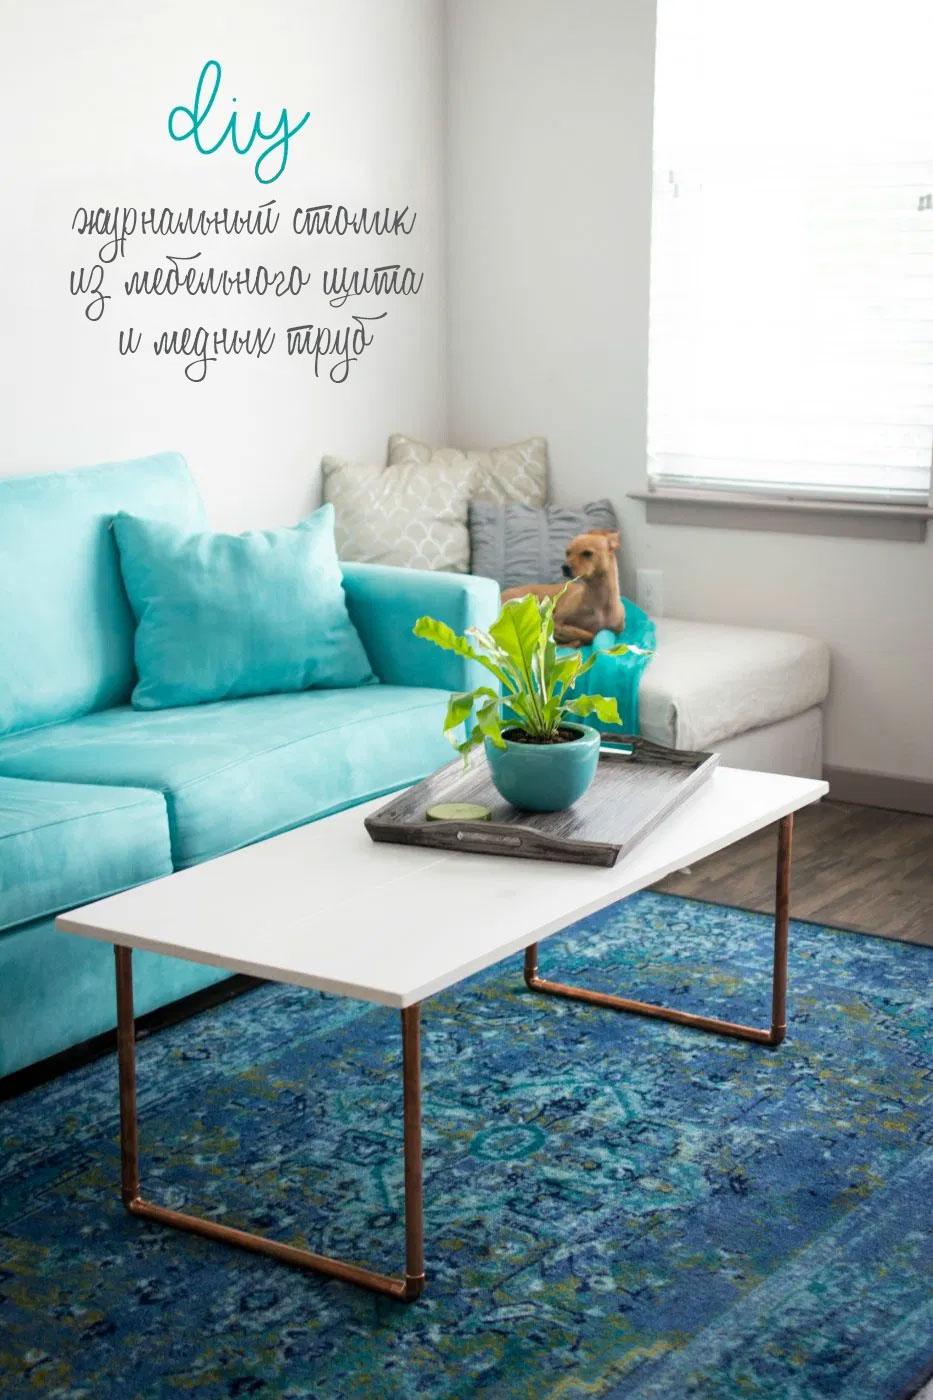 DIY журнальный столик из мебельного щита и медных труб